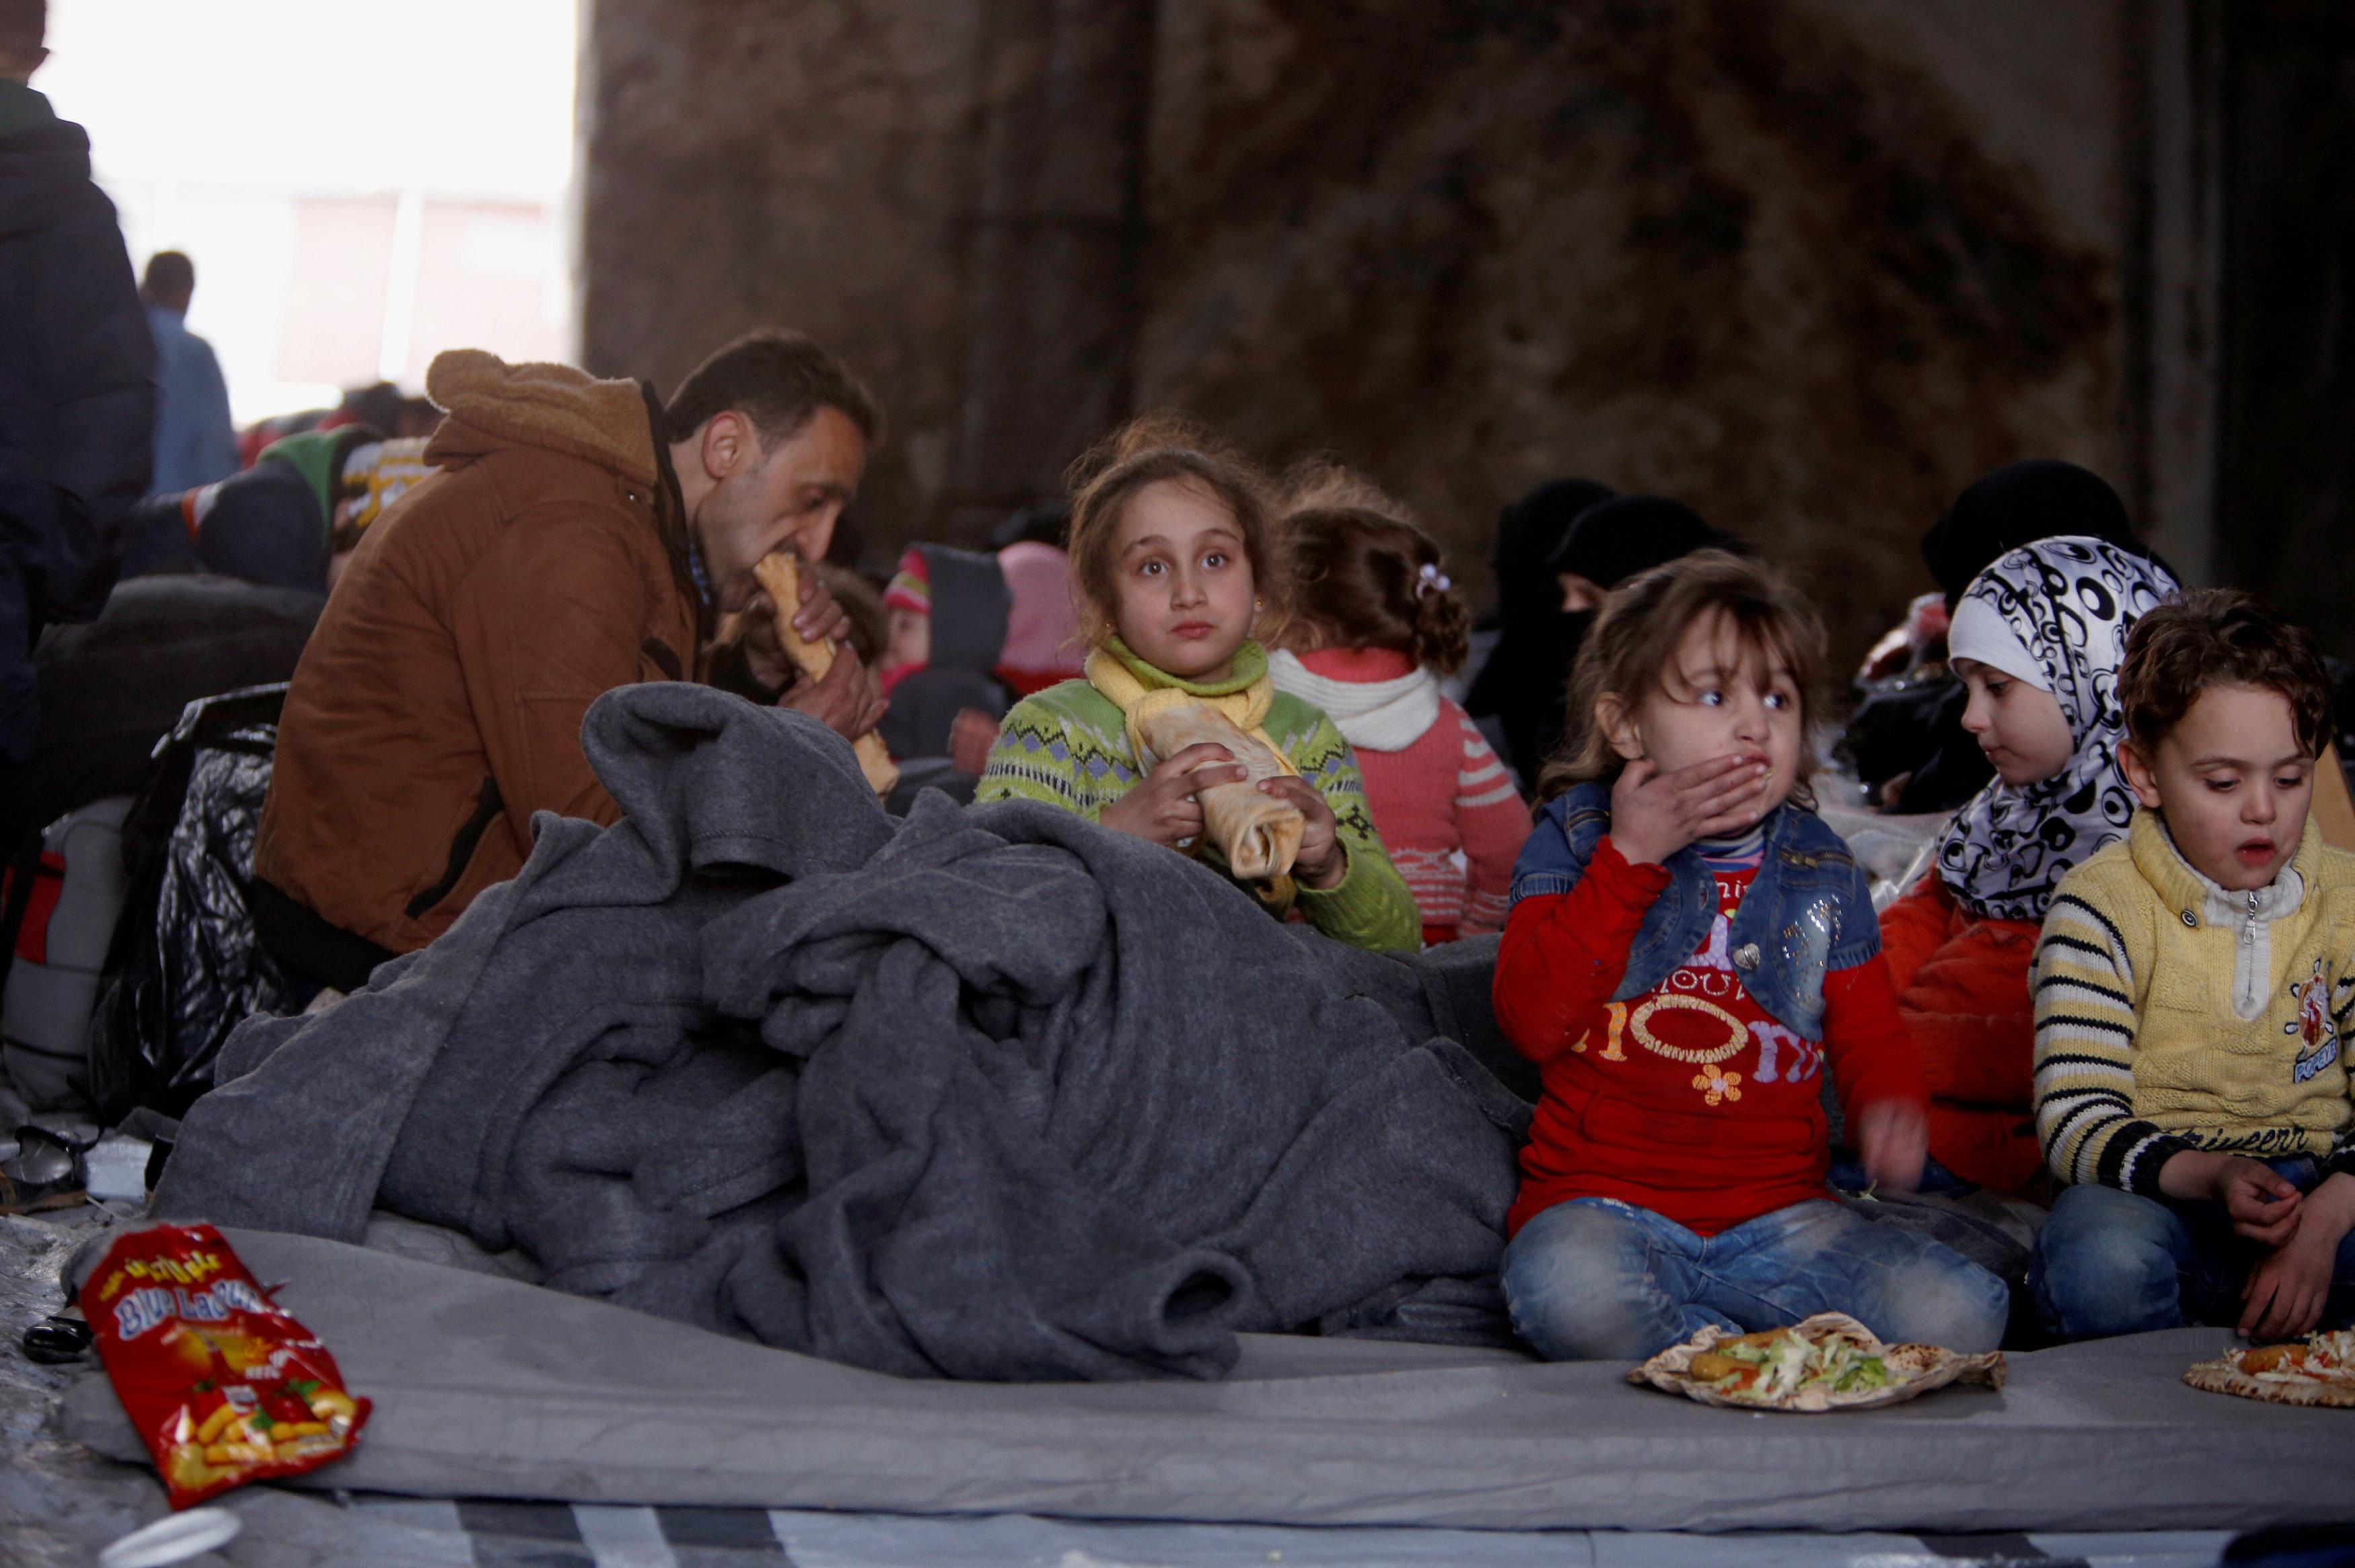 Familias evacuadas de las zonas controladas por los radicales en Alepo en campamentos temporales del barrio de Jibreen, controlado por el Gobierno, 30 de noviembre de 2016